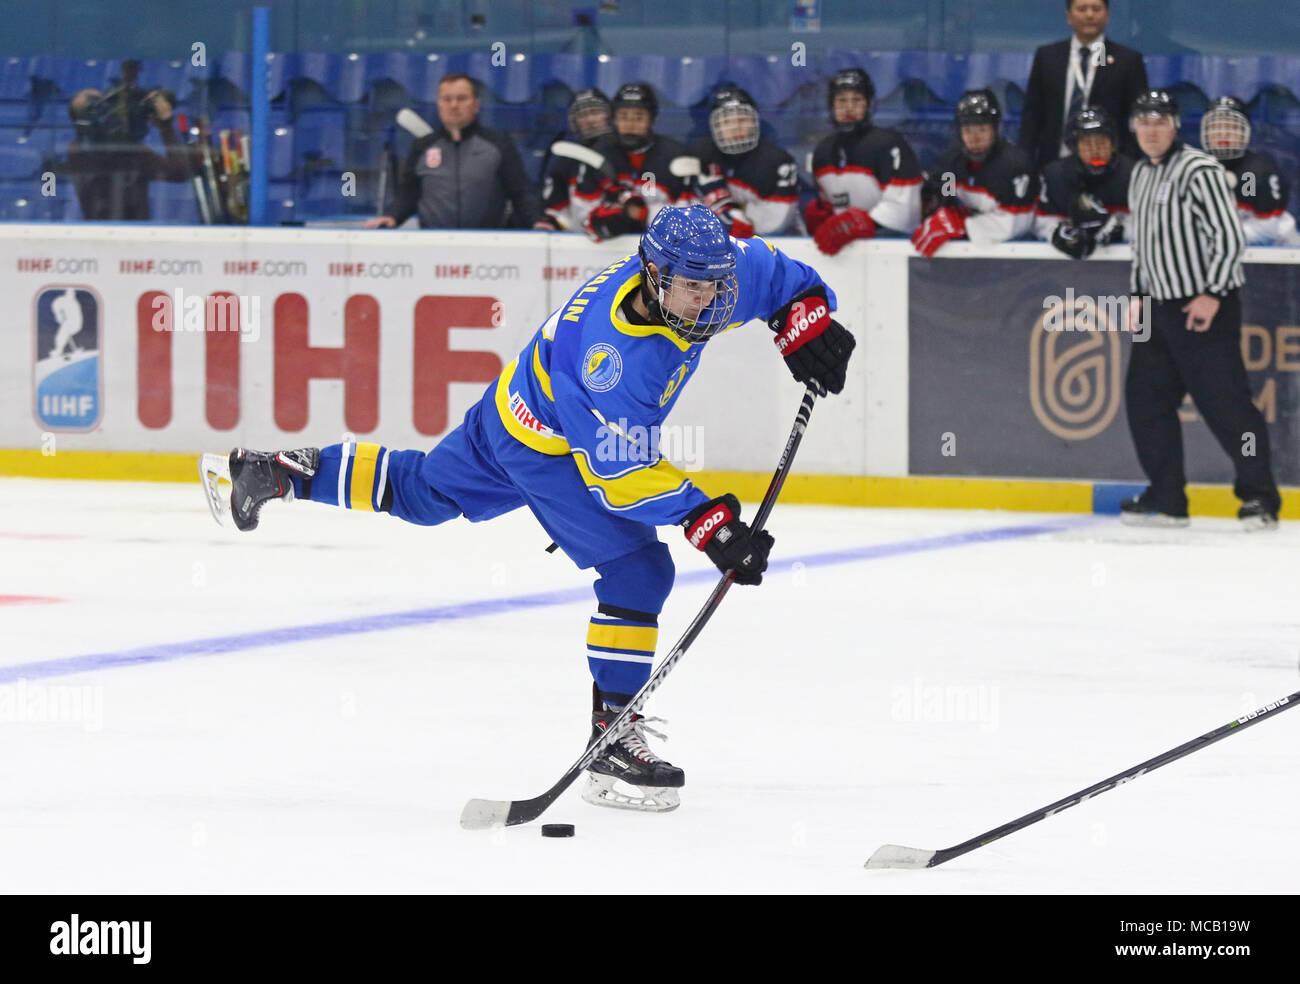 Kiev, Ucraina. Il 14 aprile, 2018. Dmytro Khalin dell'Ucraina in azione durante il 2018 IIHF Hockey su ghiaccio U18 World Championship Div 1 Gruppo B partita contro il Giappone al Palazzo dello Sport di Kiev, Ucraina. Il Giappone ha vinto 1-0. Credito: Oleksandr Prykhodko/Alamy Live News Immagini Stock